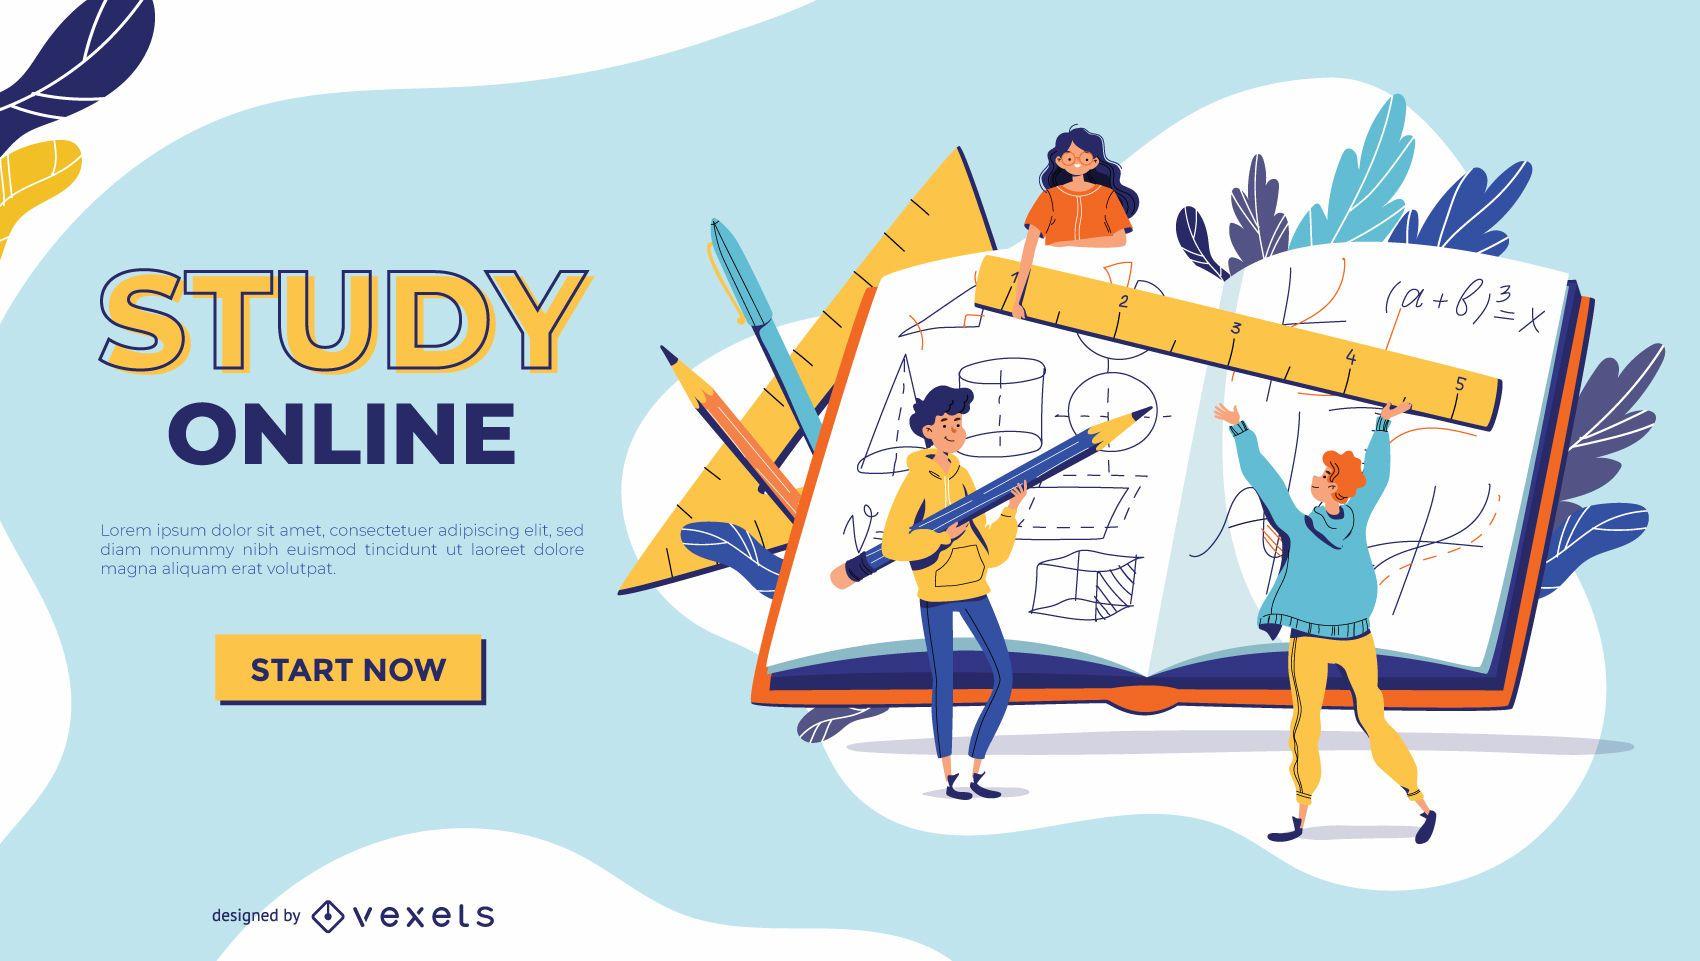 Studieren Sie die Online-Slider-Vorlage